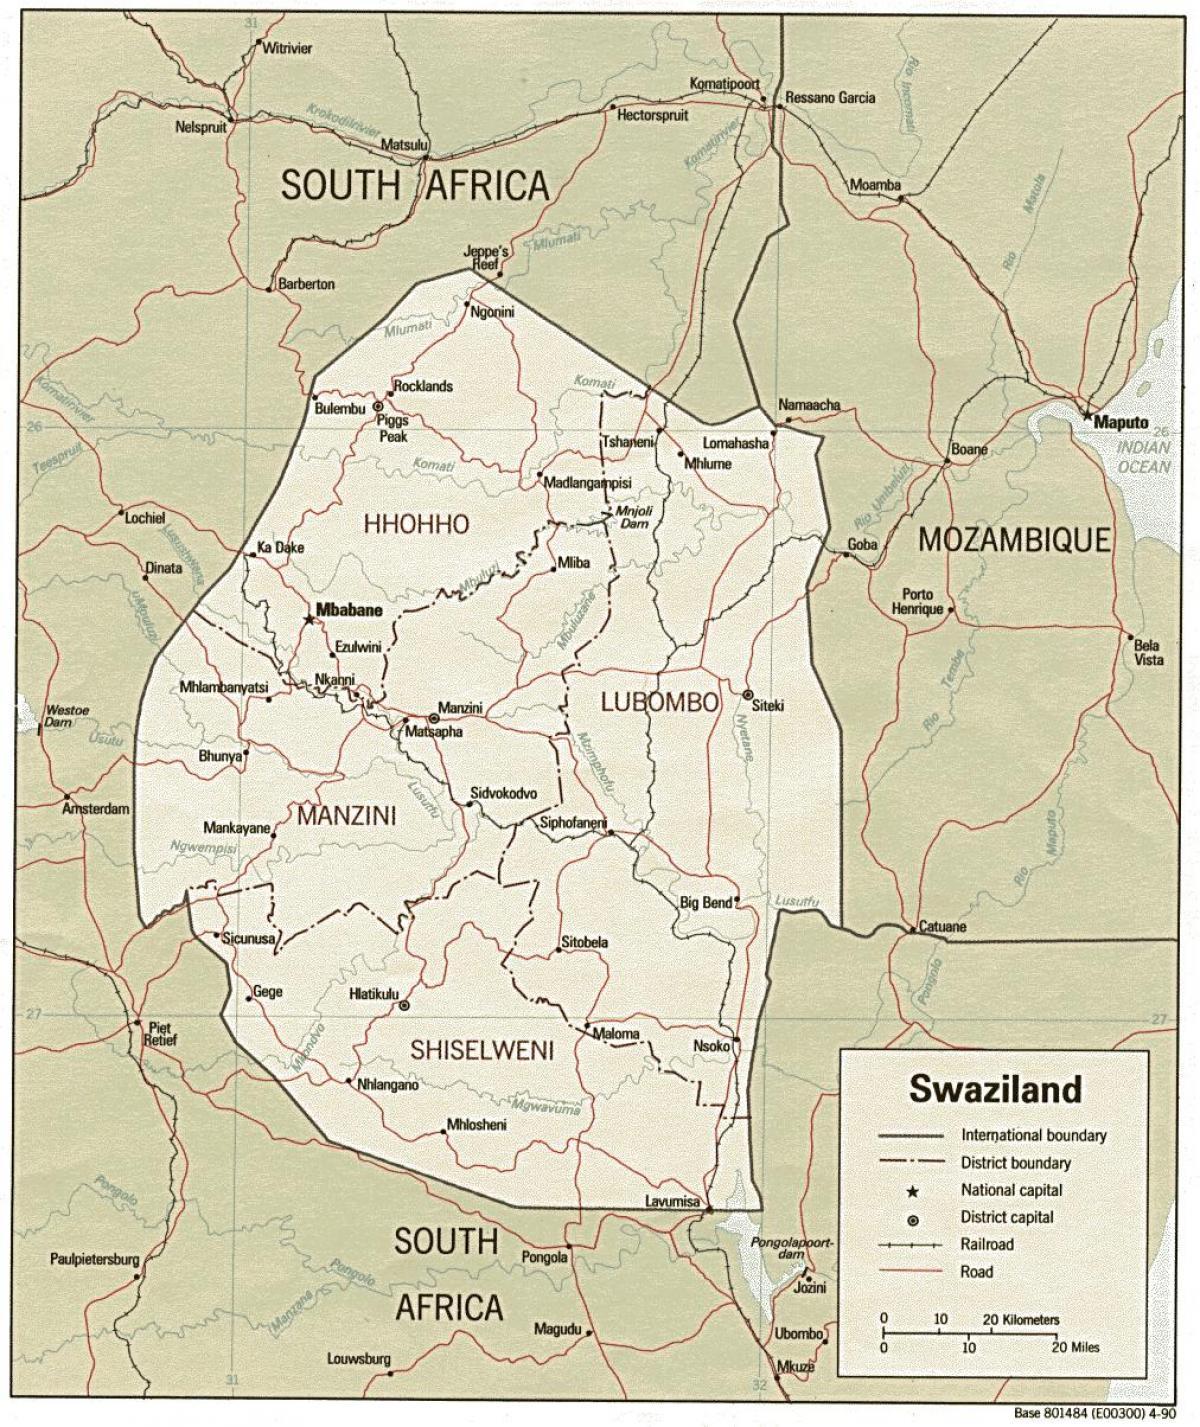 Swaziland Graenseposter Kort Kort Over Swaziland Der Viser